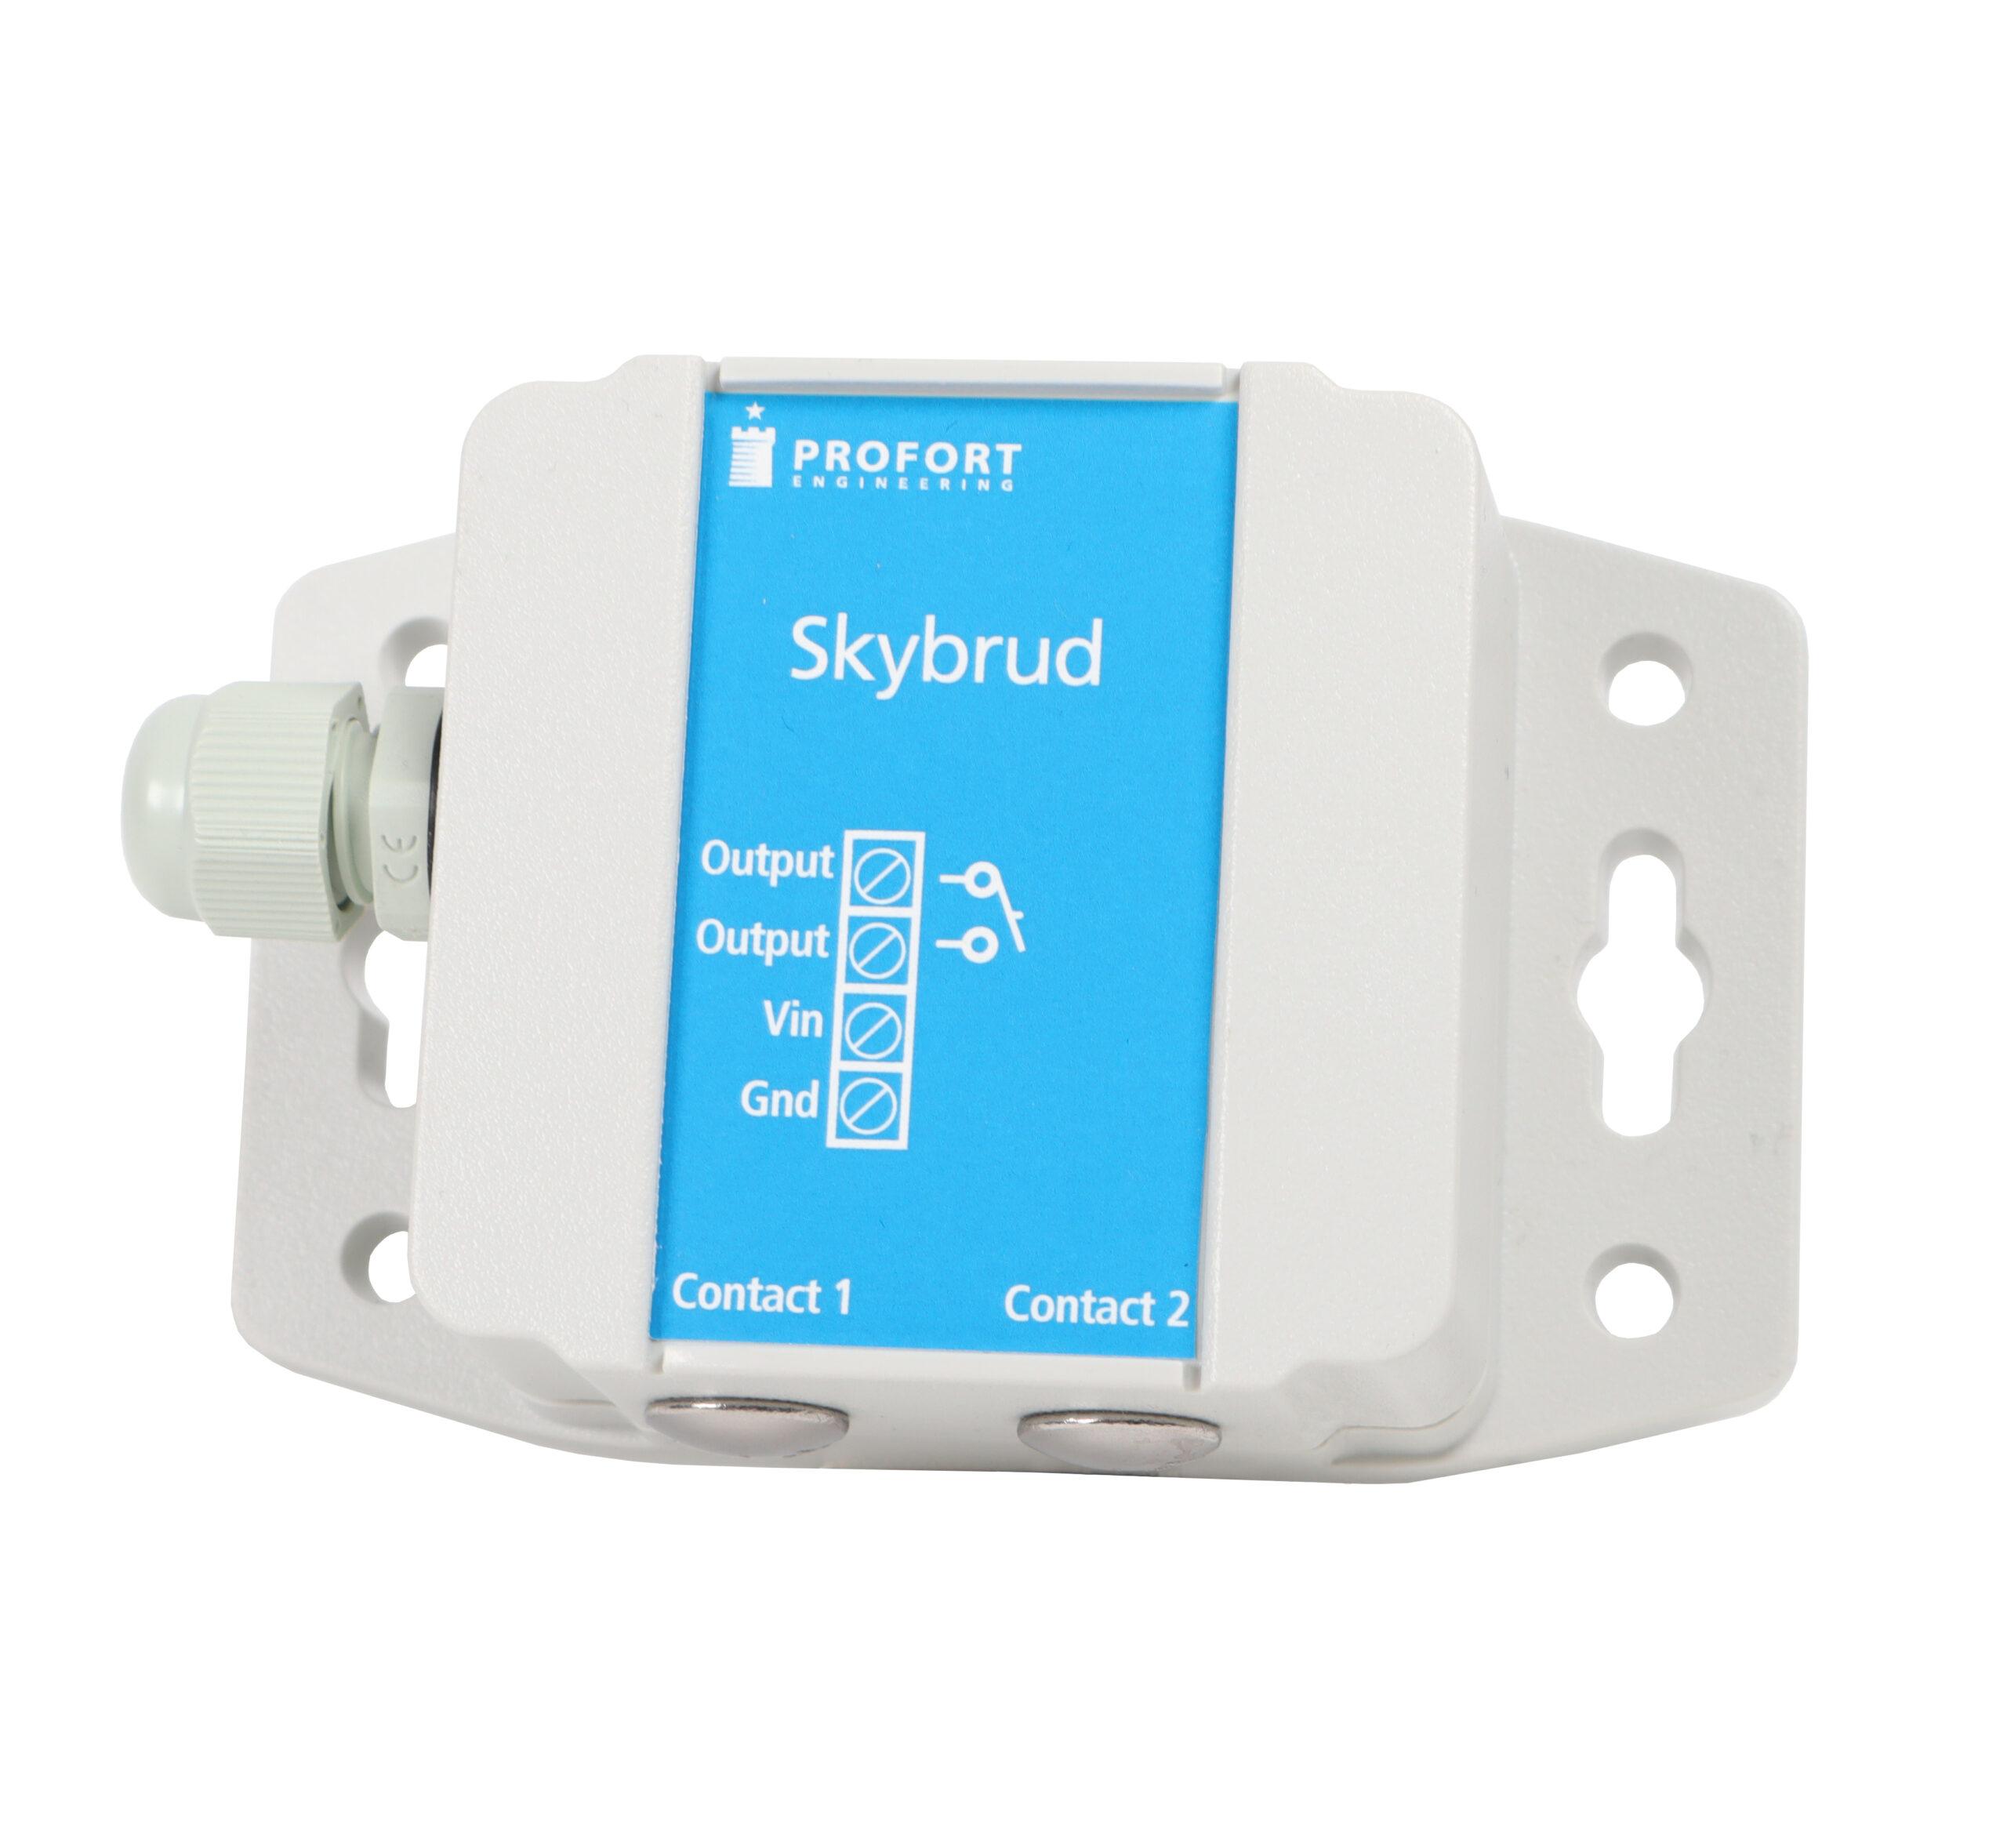 Skybruds alarm